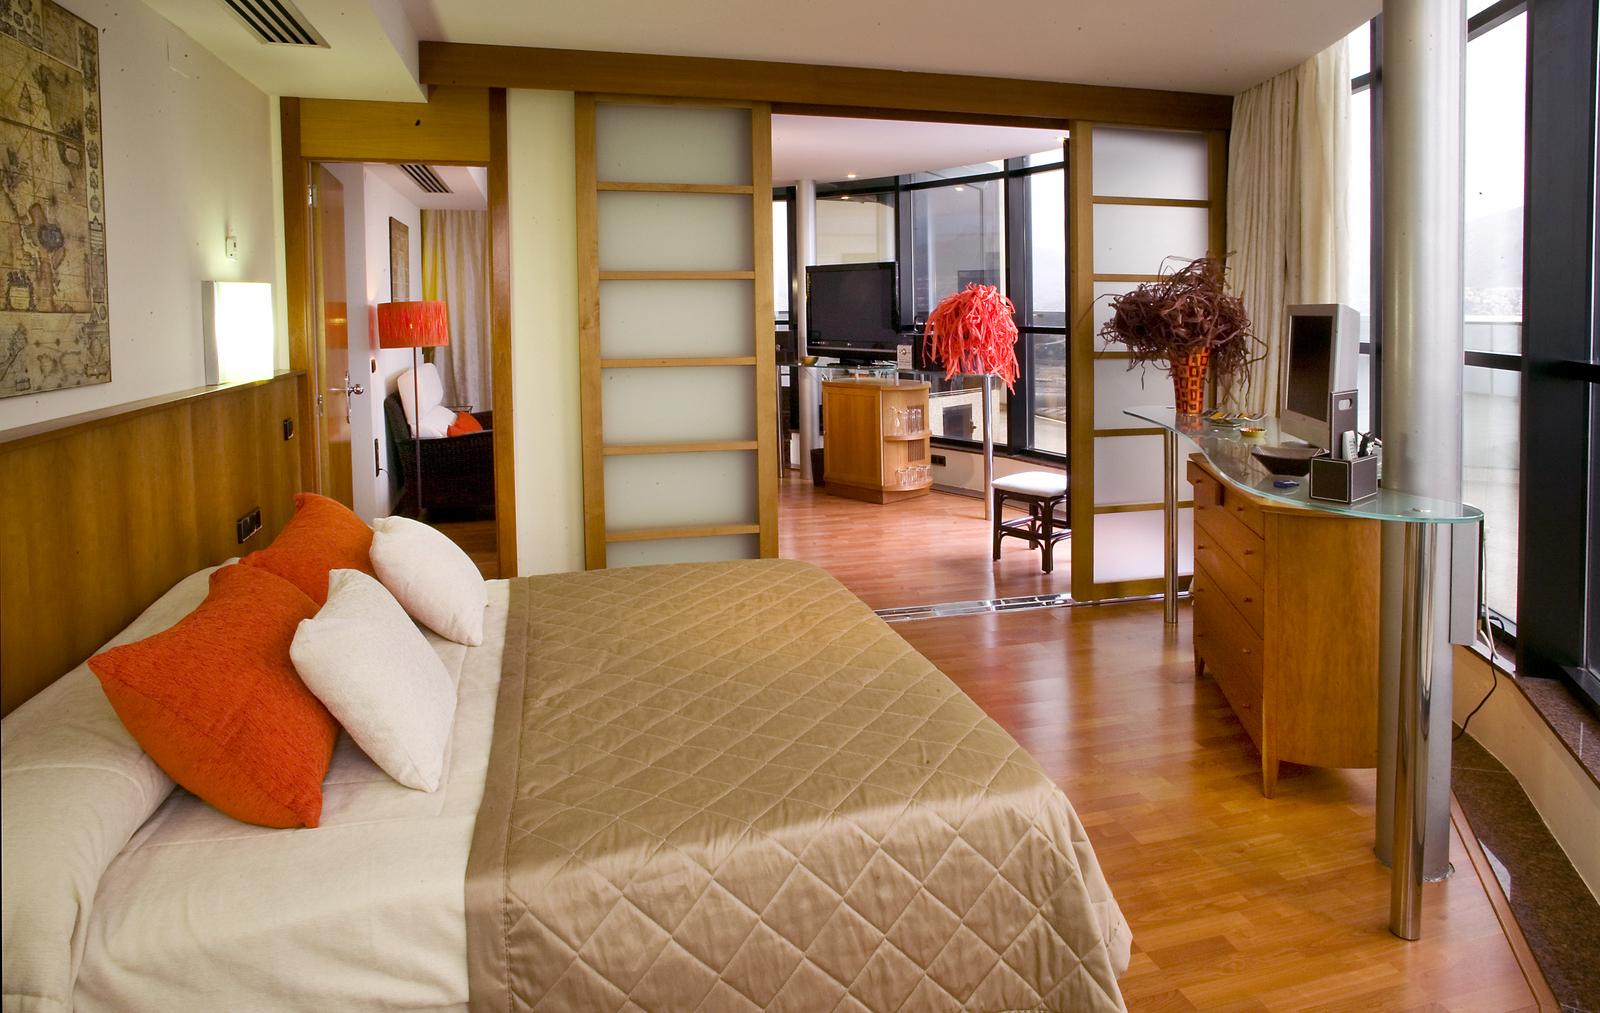 Коста бланка отель гранд отель европа